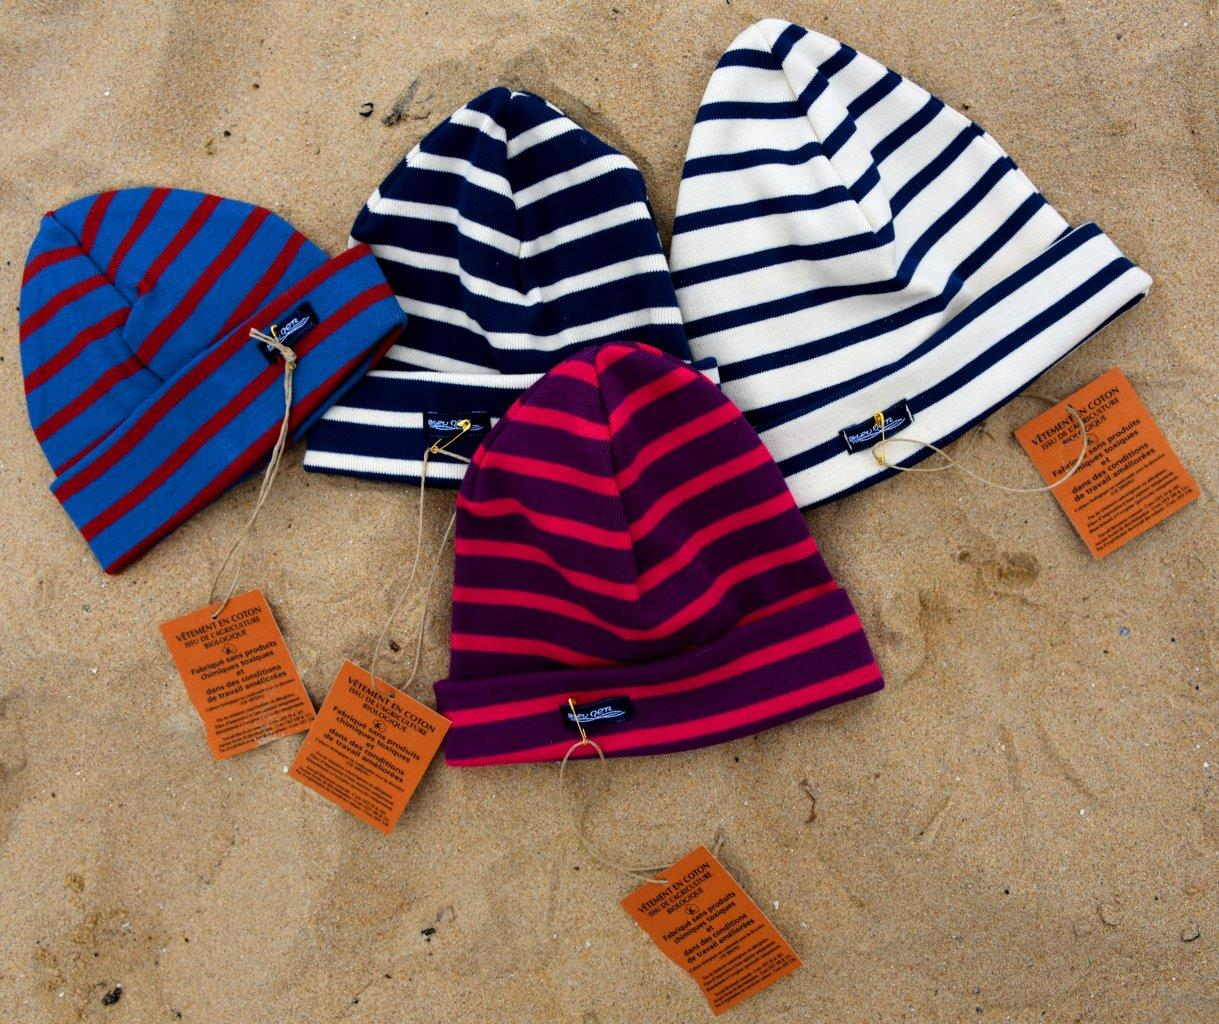 Bonnet Enfant Coton Bio Bleu Ardoise Brique - Bleu Mer 28260b9b6d2